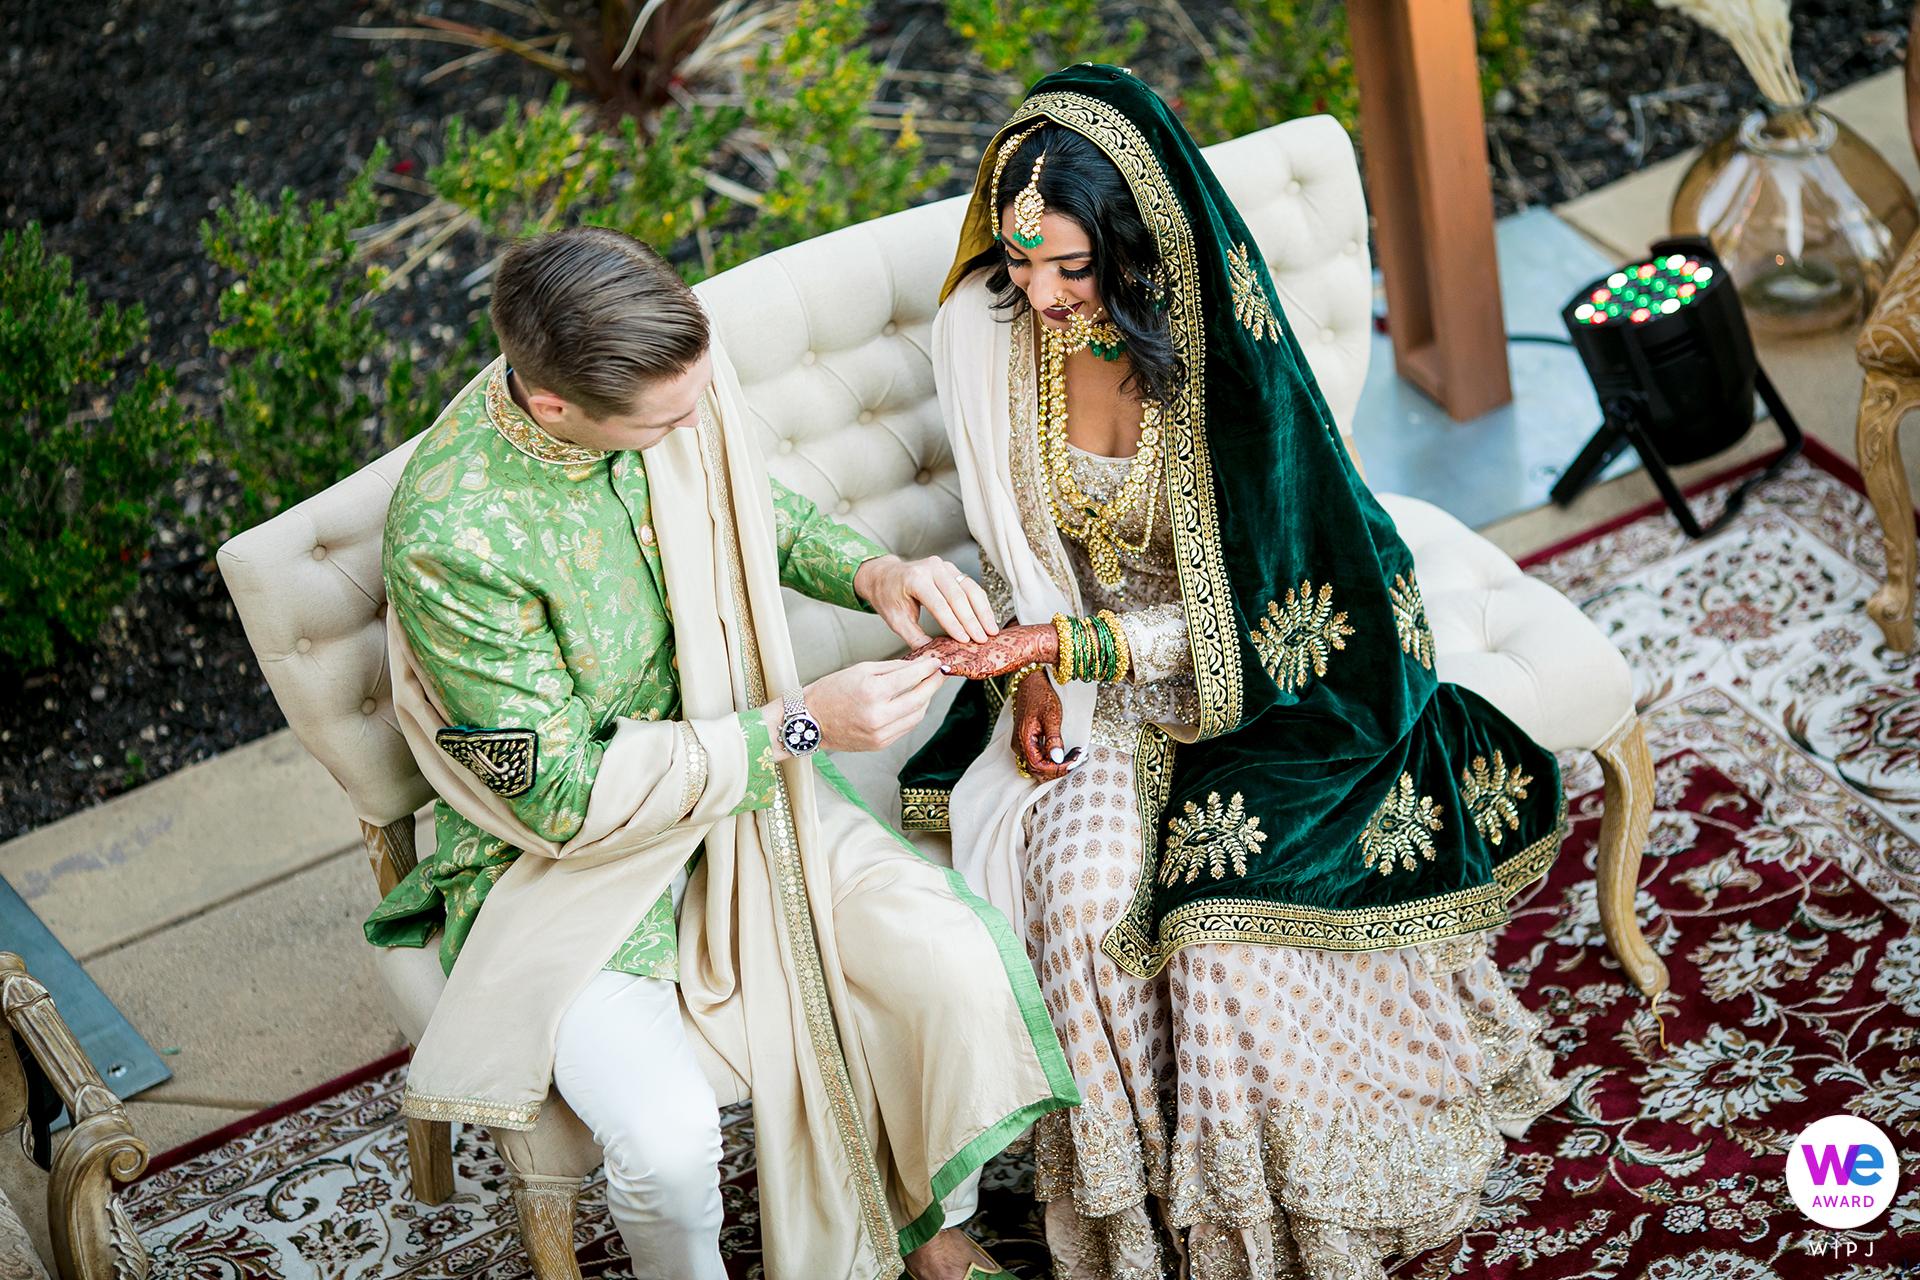 Schakingfotografen in Noord-Californië | de bruid en bruidegom gekleed in traditionele kleding zaten buiten